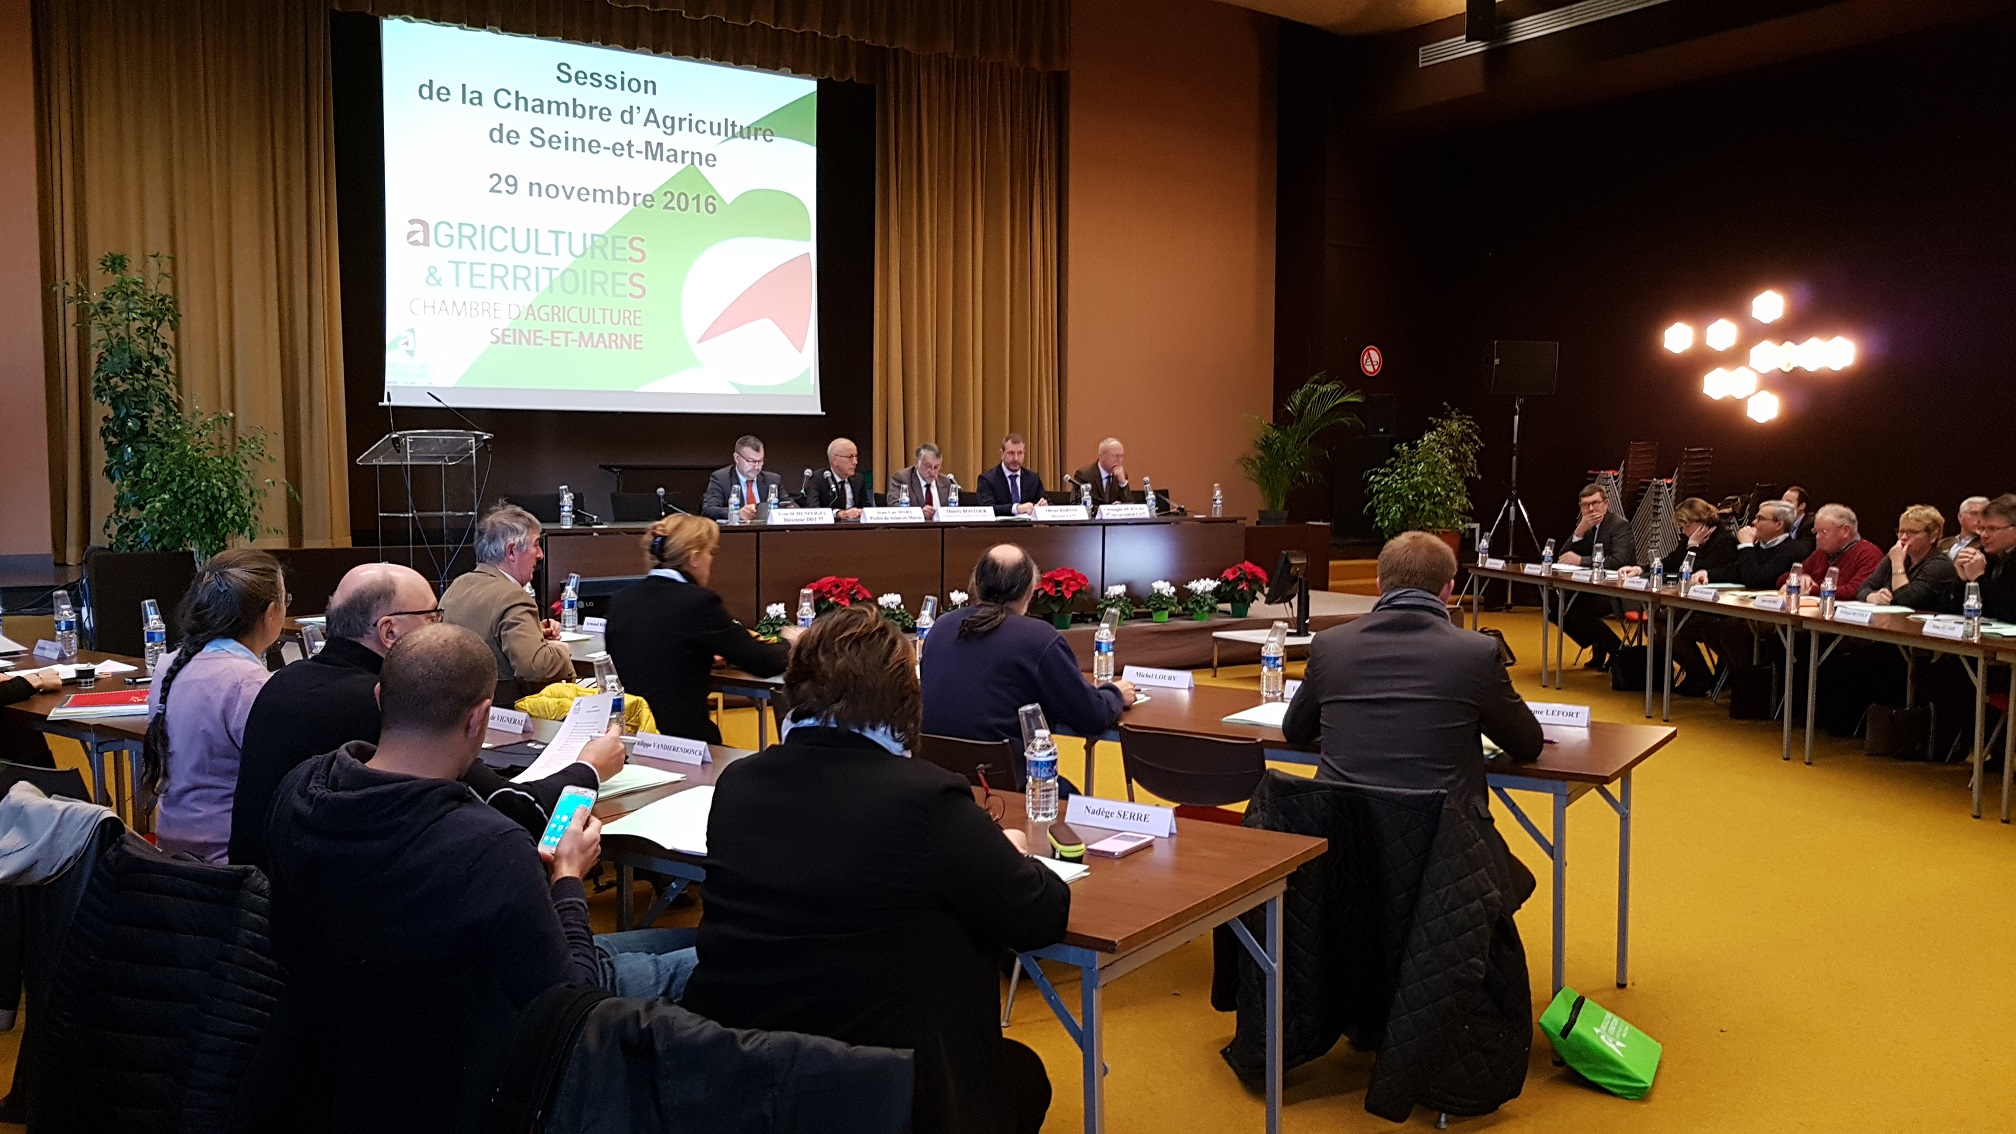 Session de fin d année de la chambre départementale d Agriculture